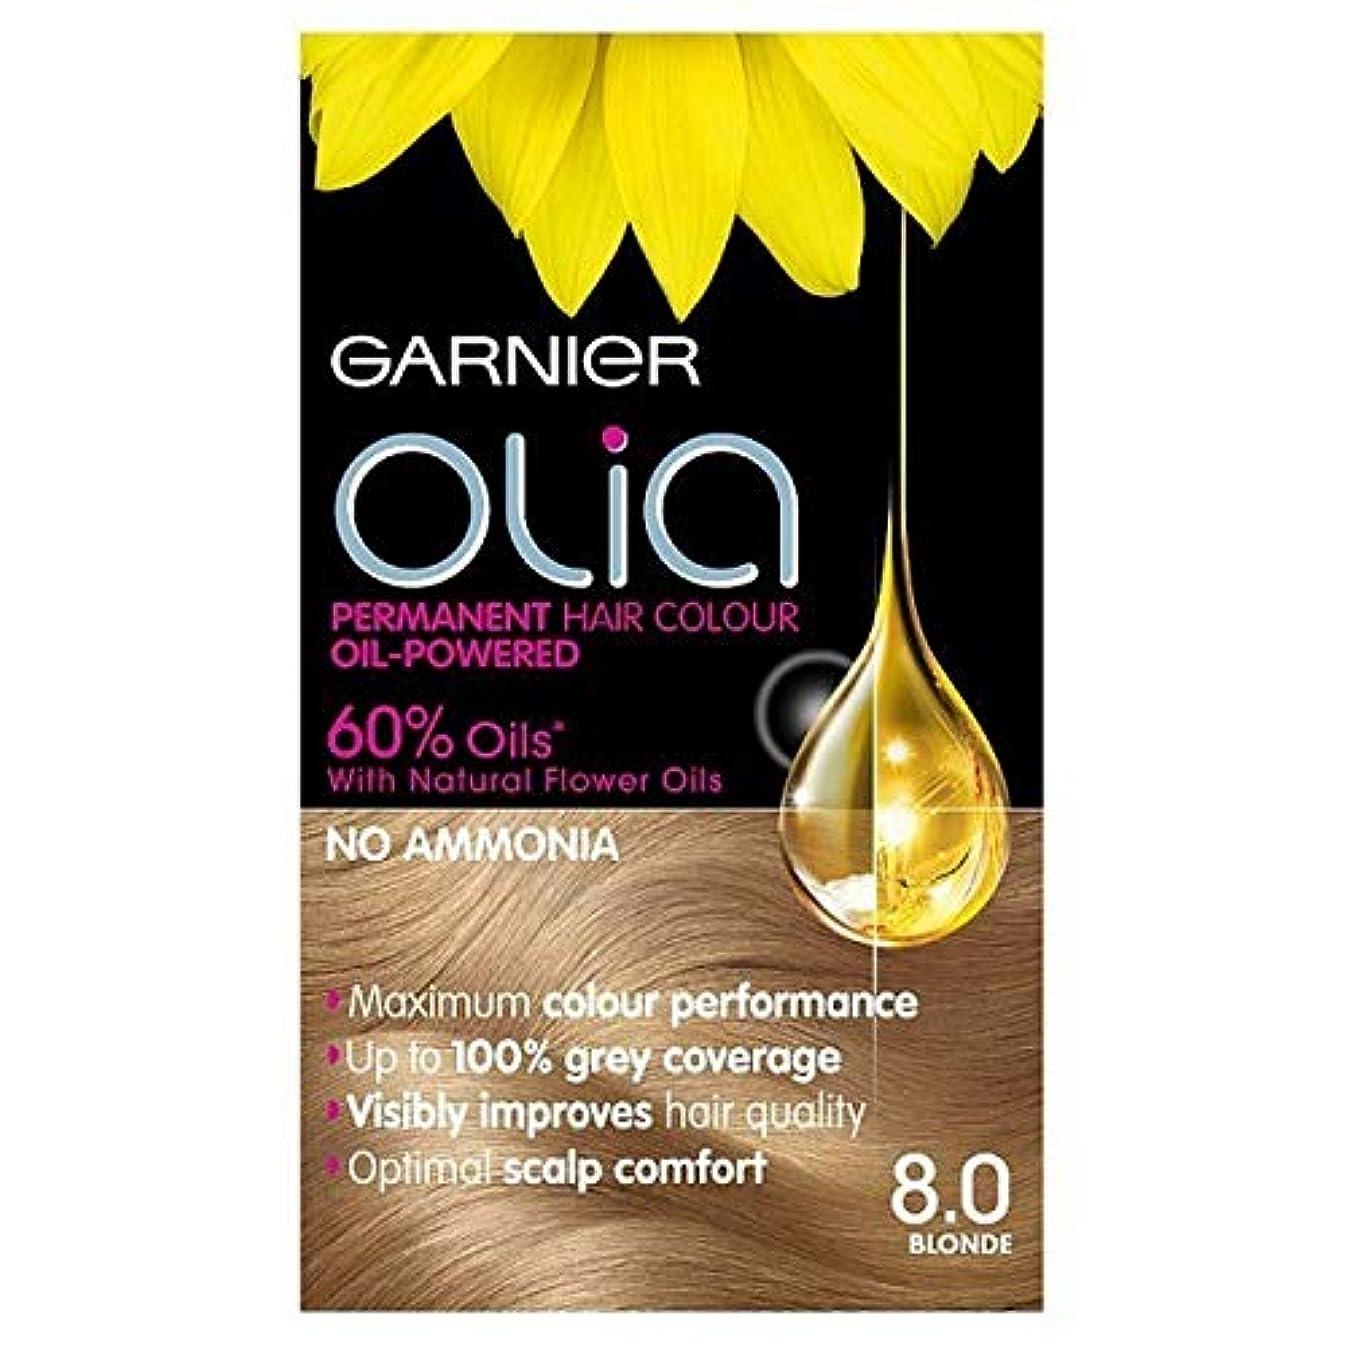 水陸両用最終的に華氏[Garnier ] 8.0ブロンドガルニエOliaパーマネントヘアダイ - Garnier Olia Permanent Hair Dye Blonde 8.0 [並行輸入品]